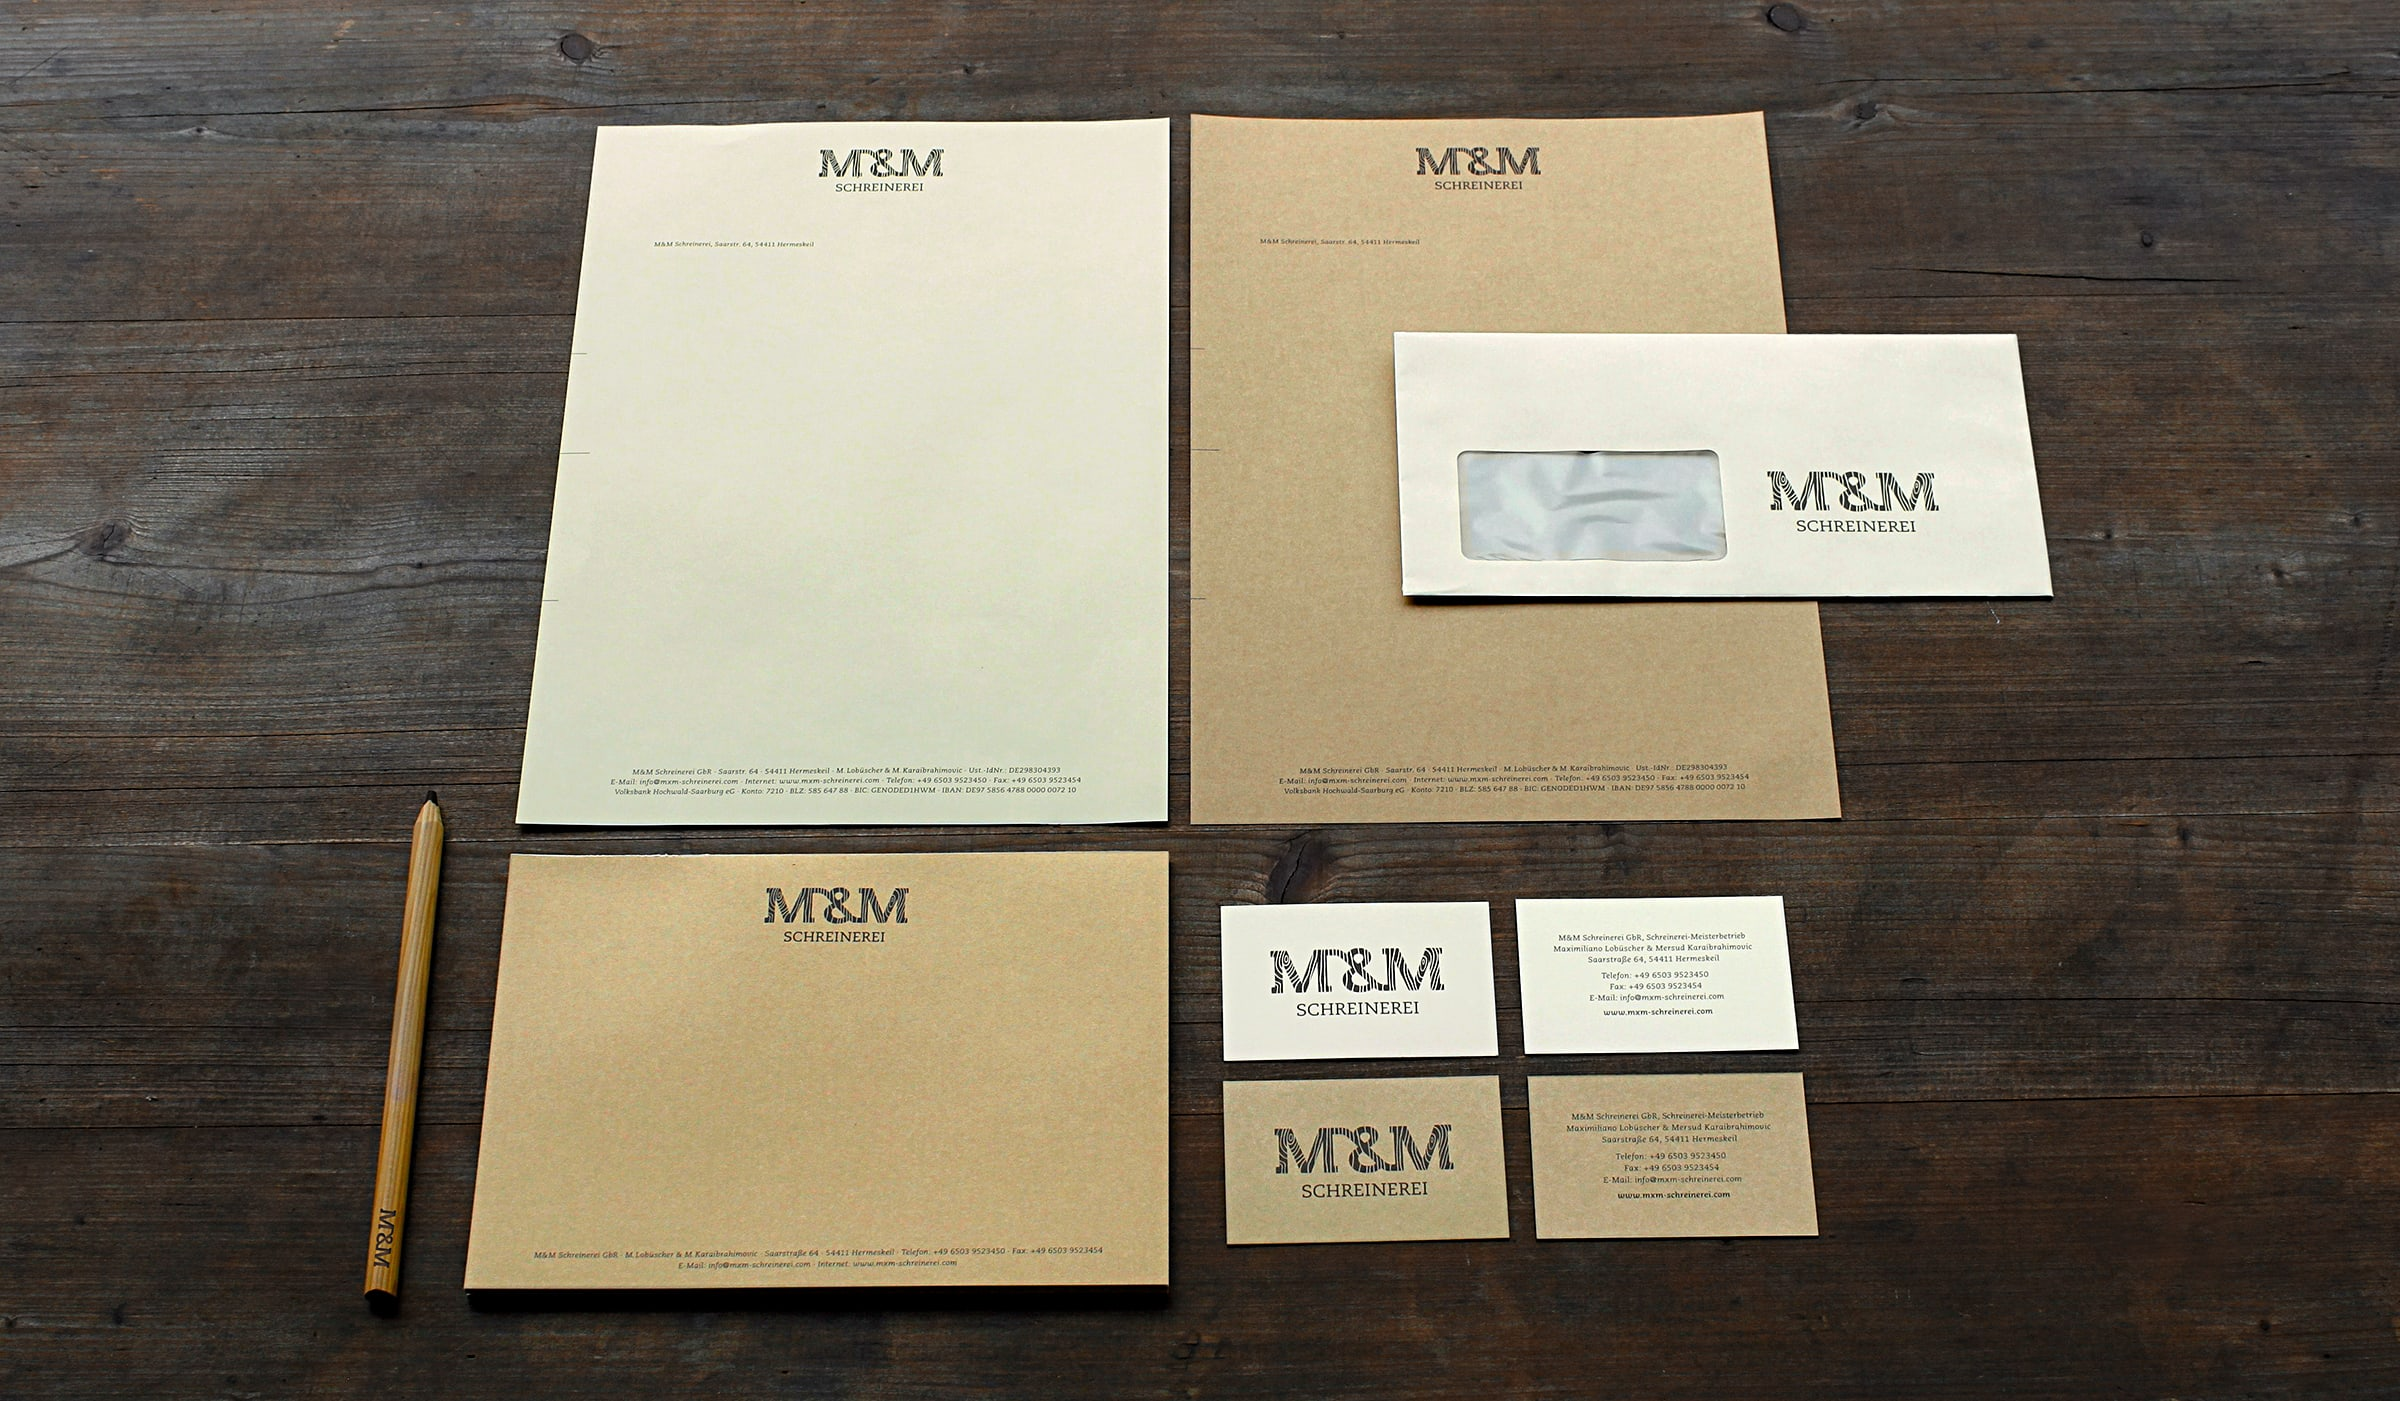 Konzeptarbeit ~ Corporate Design / M&M Schreinerei Hermeskeil/ Branding/ Brand Design/ KERSTIN MICHELS – DESIGN/ Designagentur/ Werbeagentur/ Grafikdesign/ Kommunikationsdesign/ Hochwald/ Trier/ Rheinland-Pfalz/ Werbung/ Design